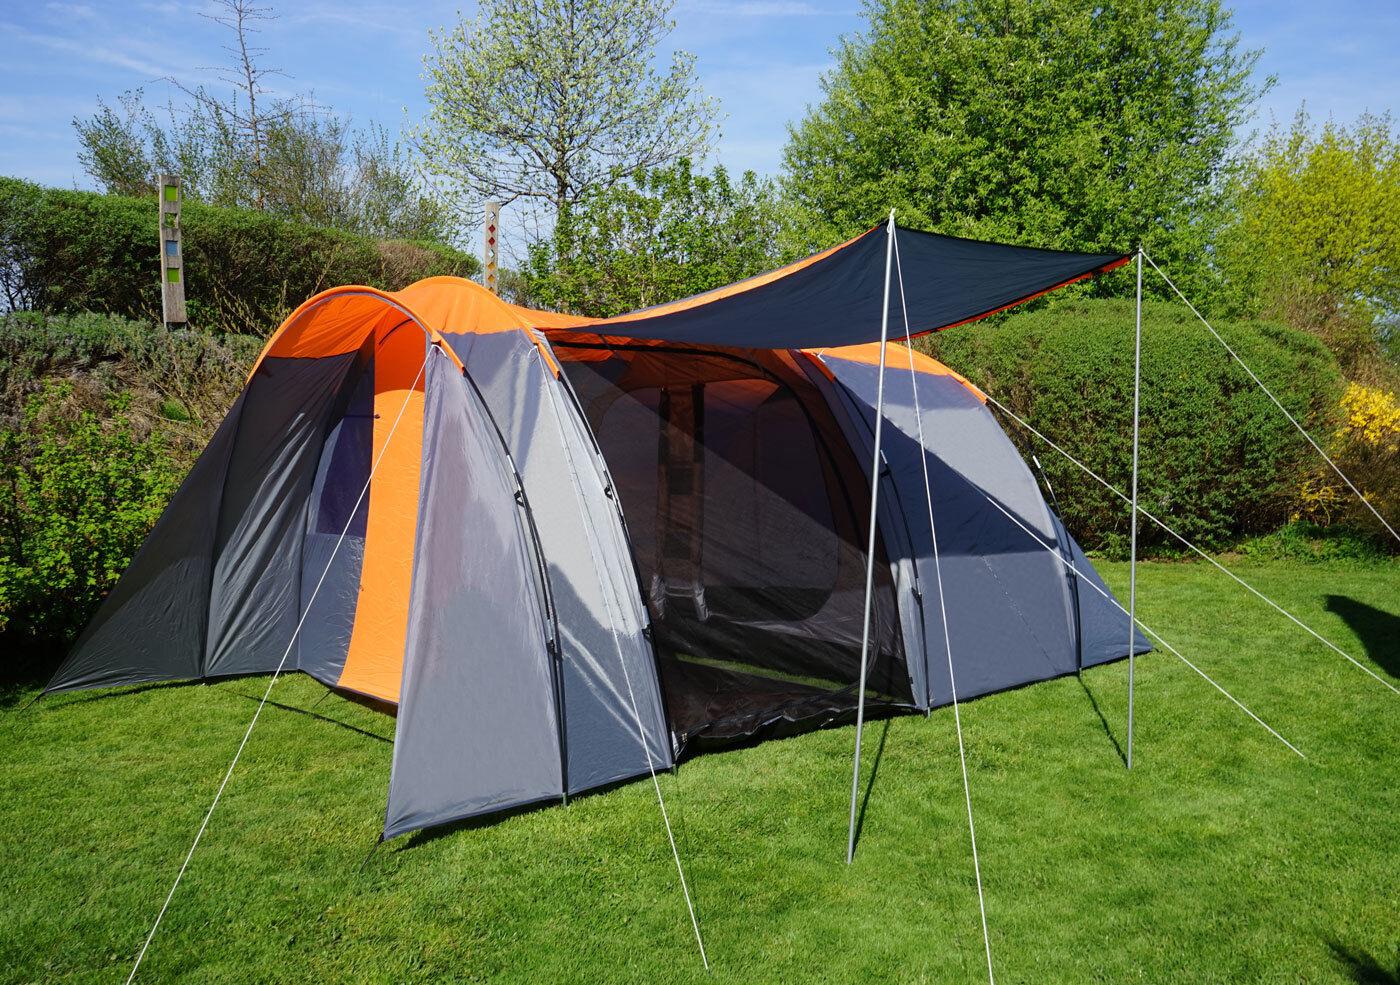 Kuppelzelt MCW-A99, Campingzelt Zelt Festival-Zelt, 6 Personen Personen Personen Orange/grau 17716d